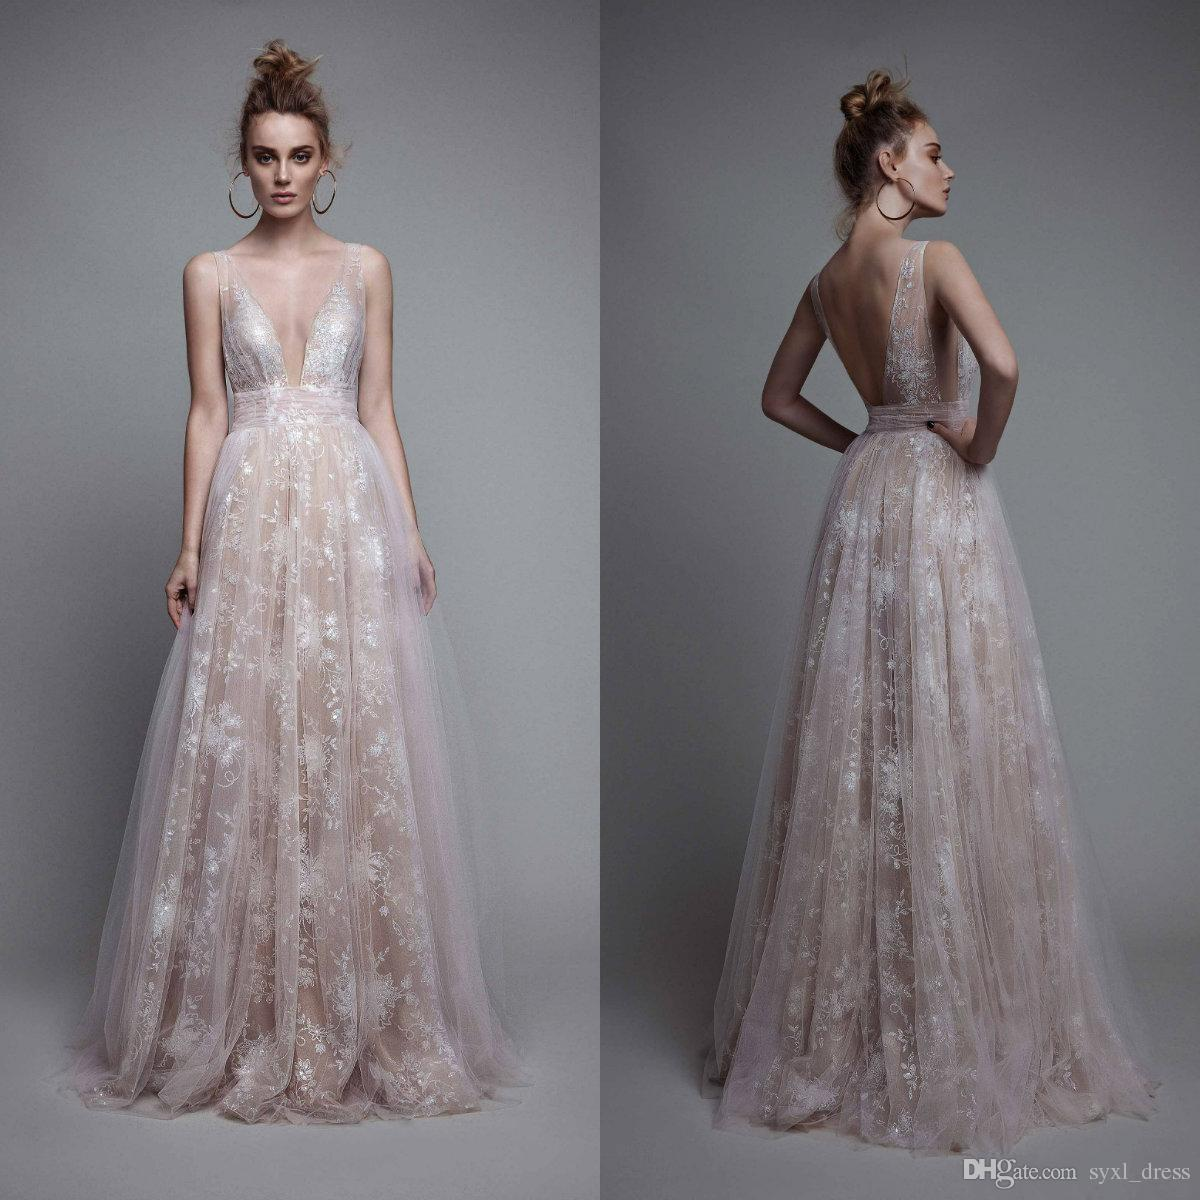 e60cfa7886173 Discount Berta Plus Size 2018 Beach Wedding Dresses Bridal Gowns Full Lace  Vestido De Novia Robes De Demoiselle D Honneur V Neck Backless Chiffon A  Line ...